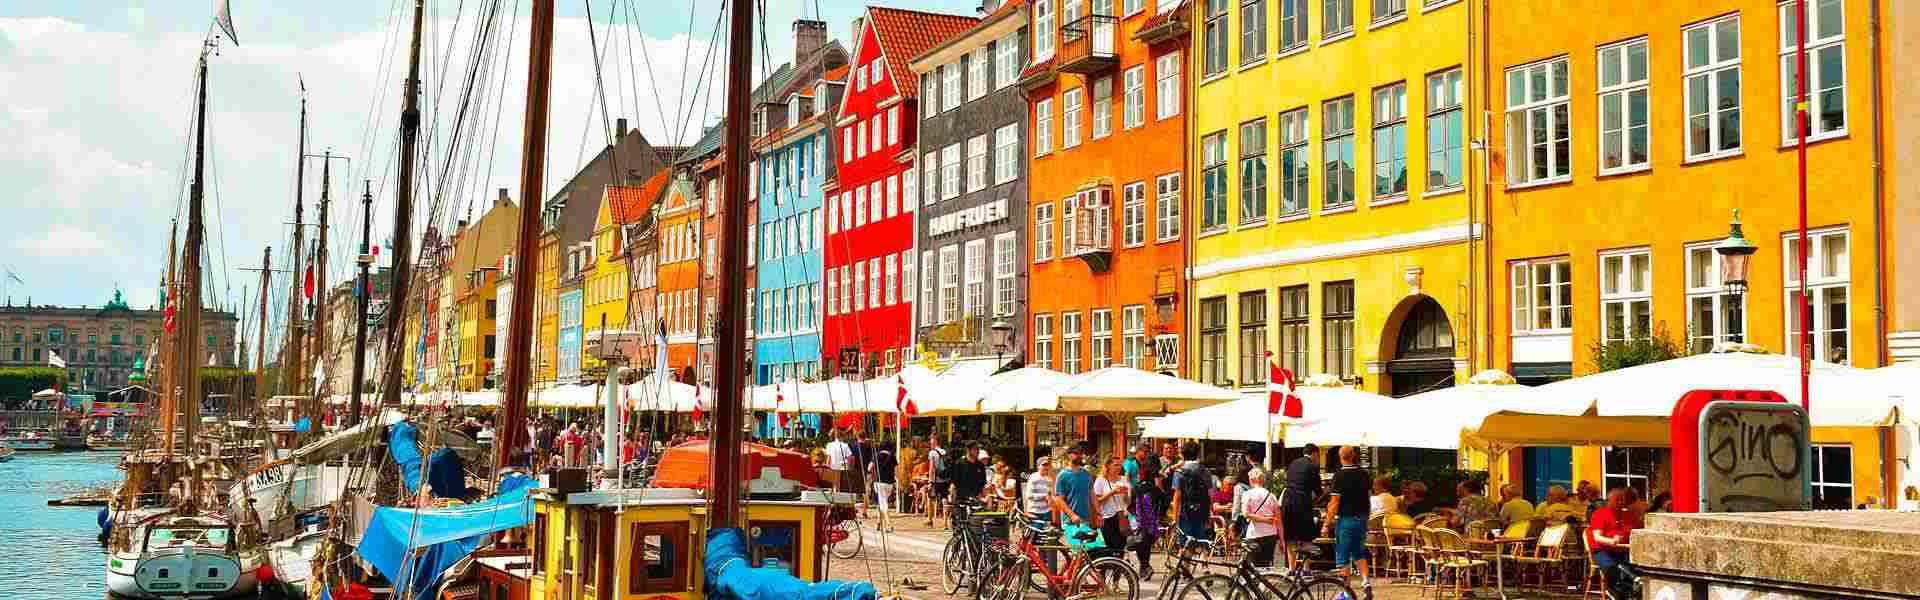 Chương trình Trung học tại Đan Mạch của Educatius năm 2019 dành cho Học sinh Quốc tế